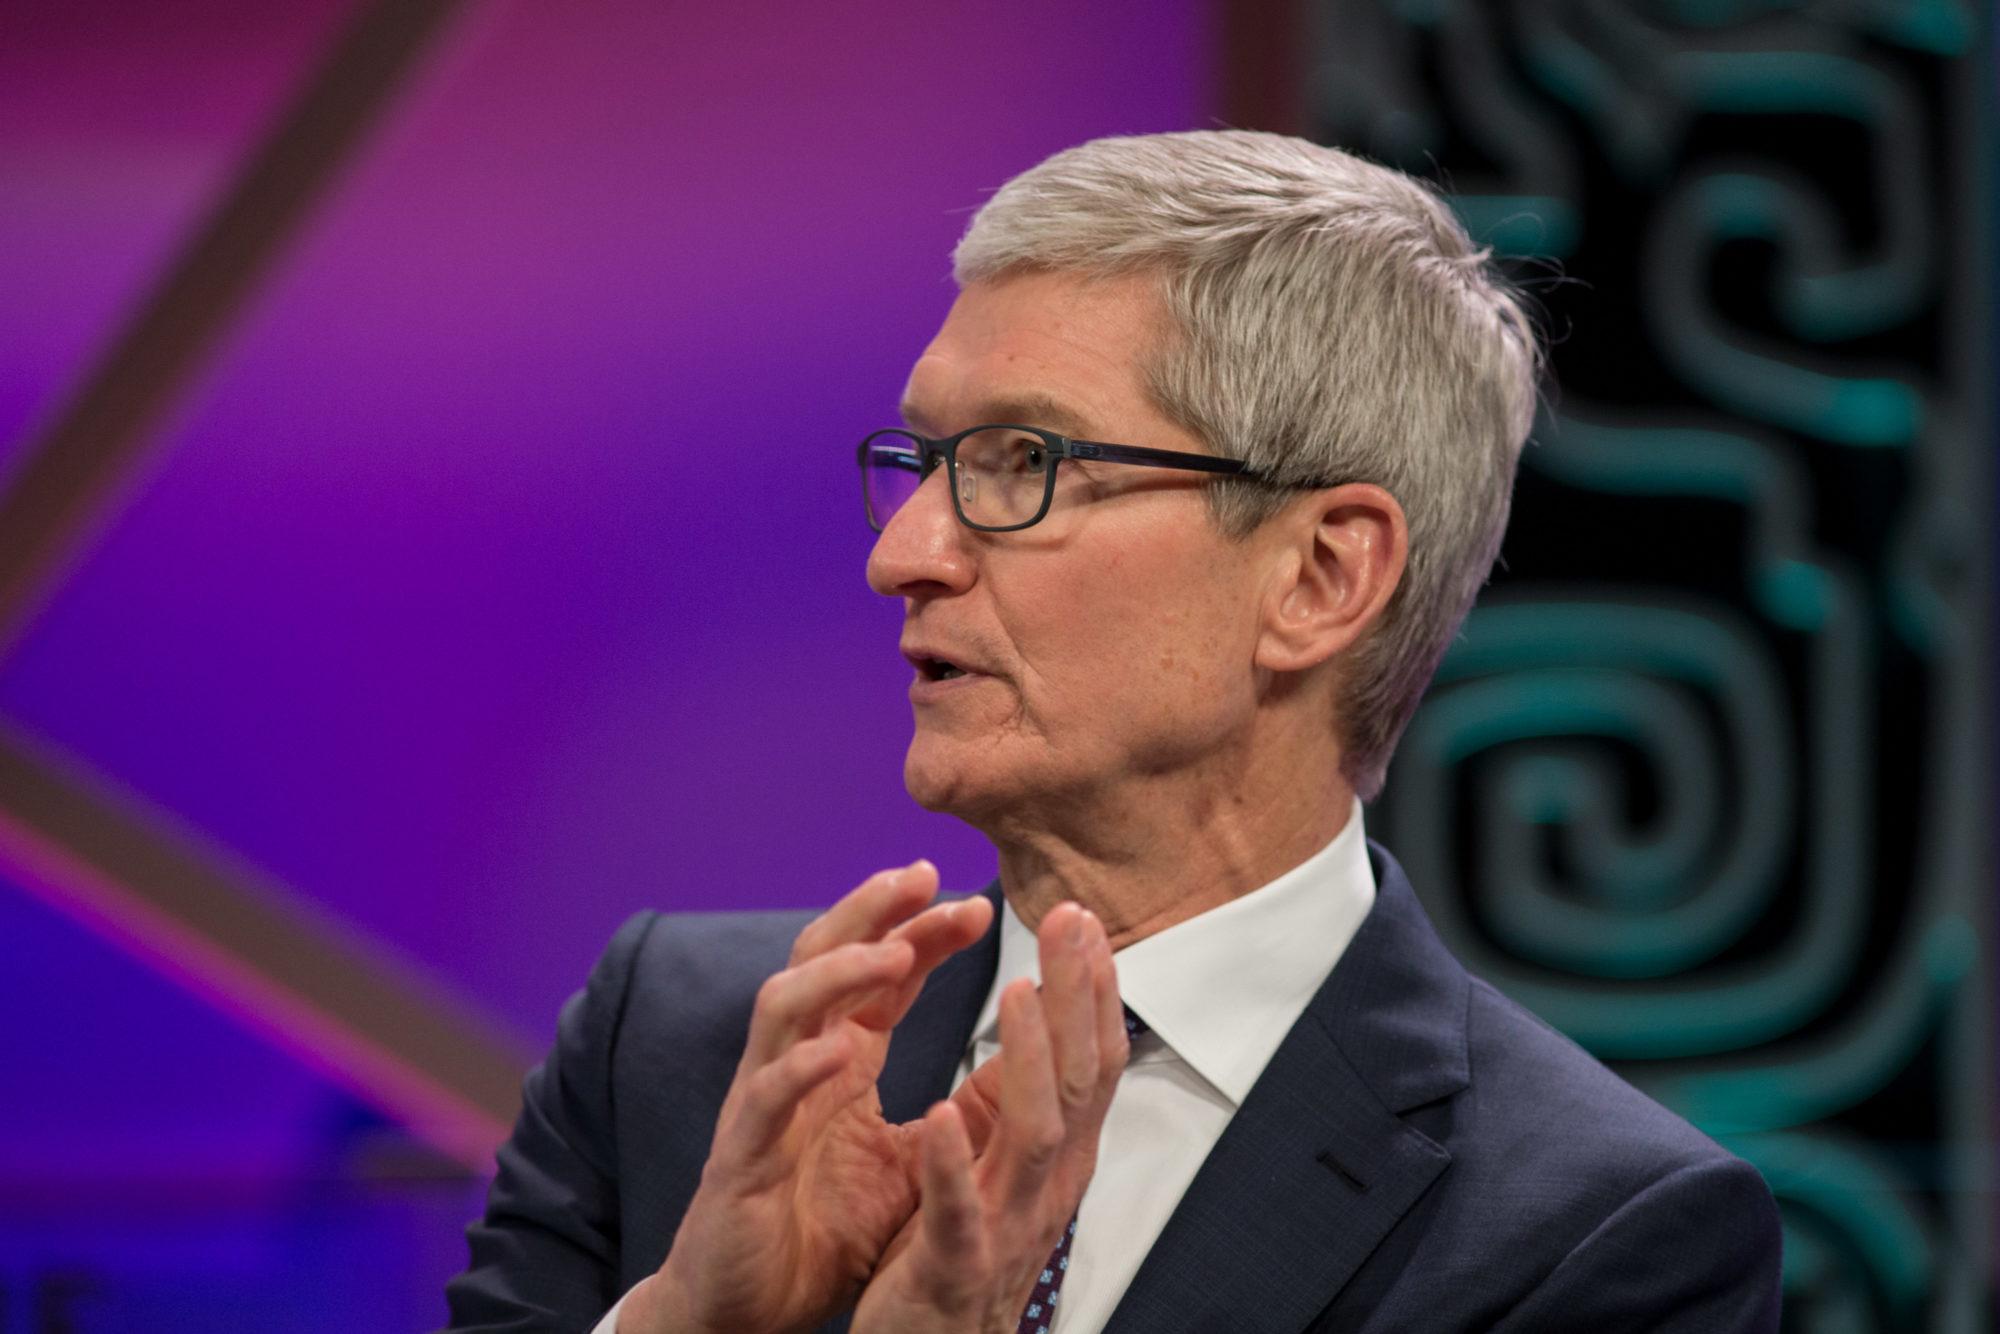 Données personnelles : le PDG d'Apple implore les États-Unis de protéger les internautes par des lois